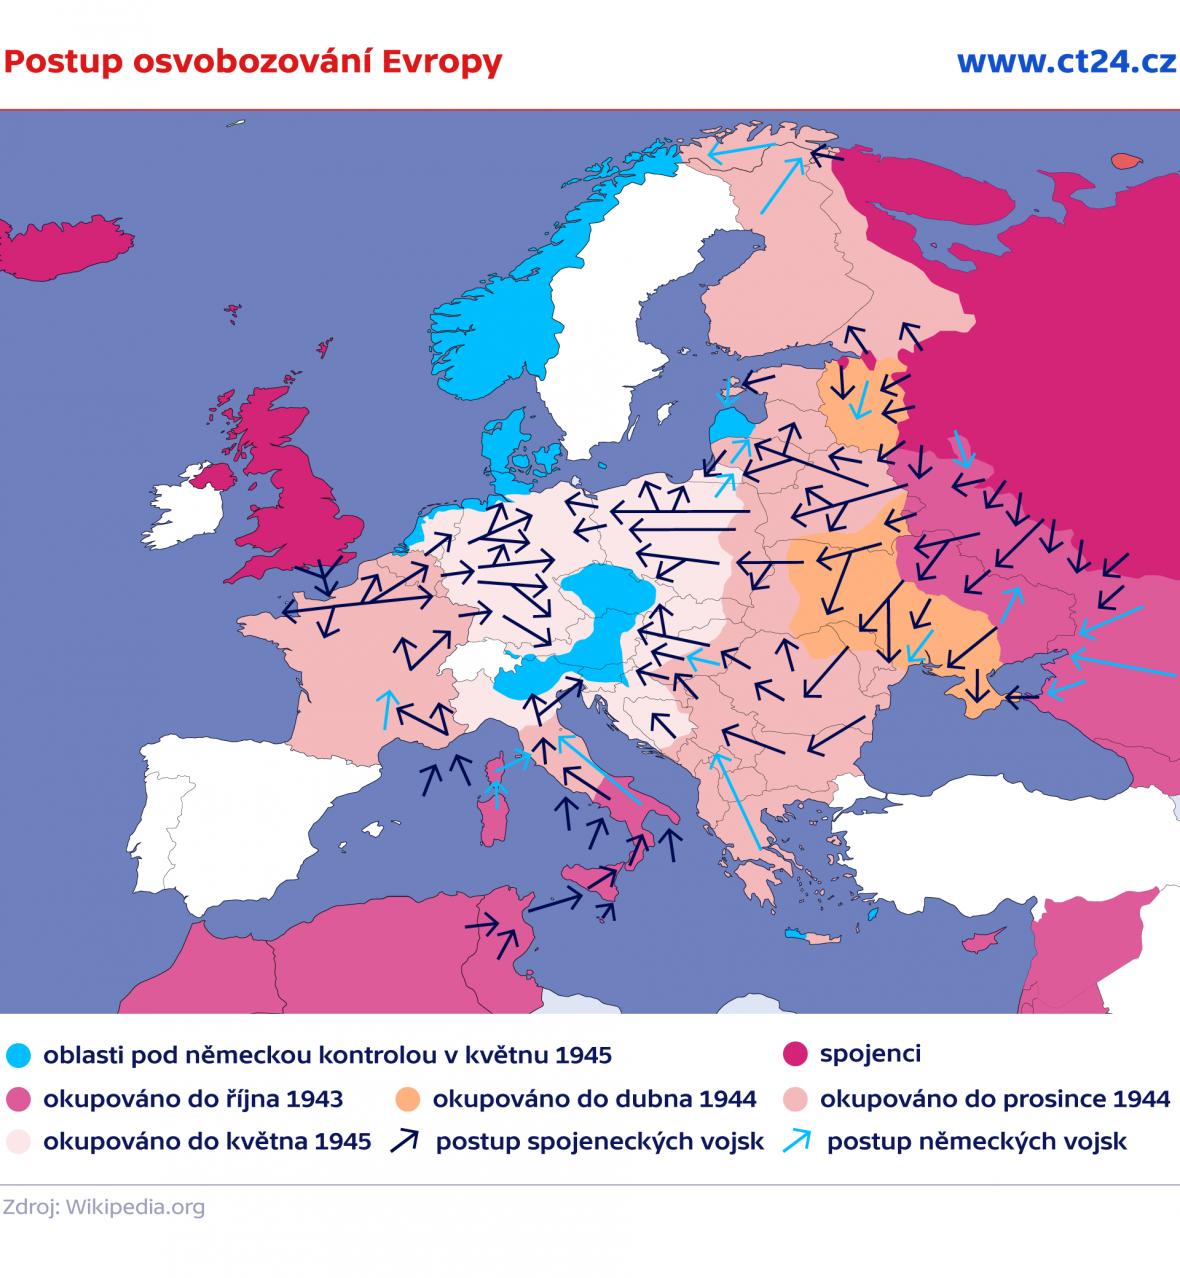 Postup osvobozování Evropy